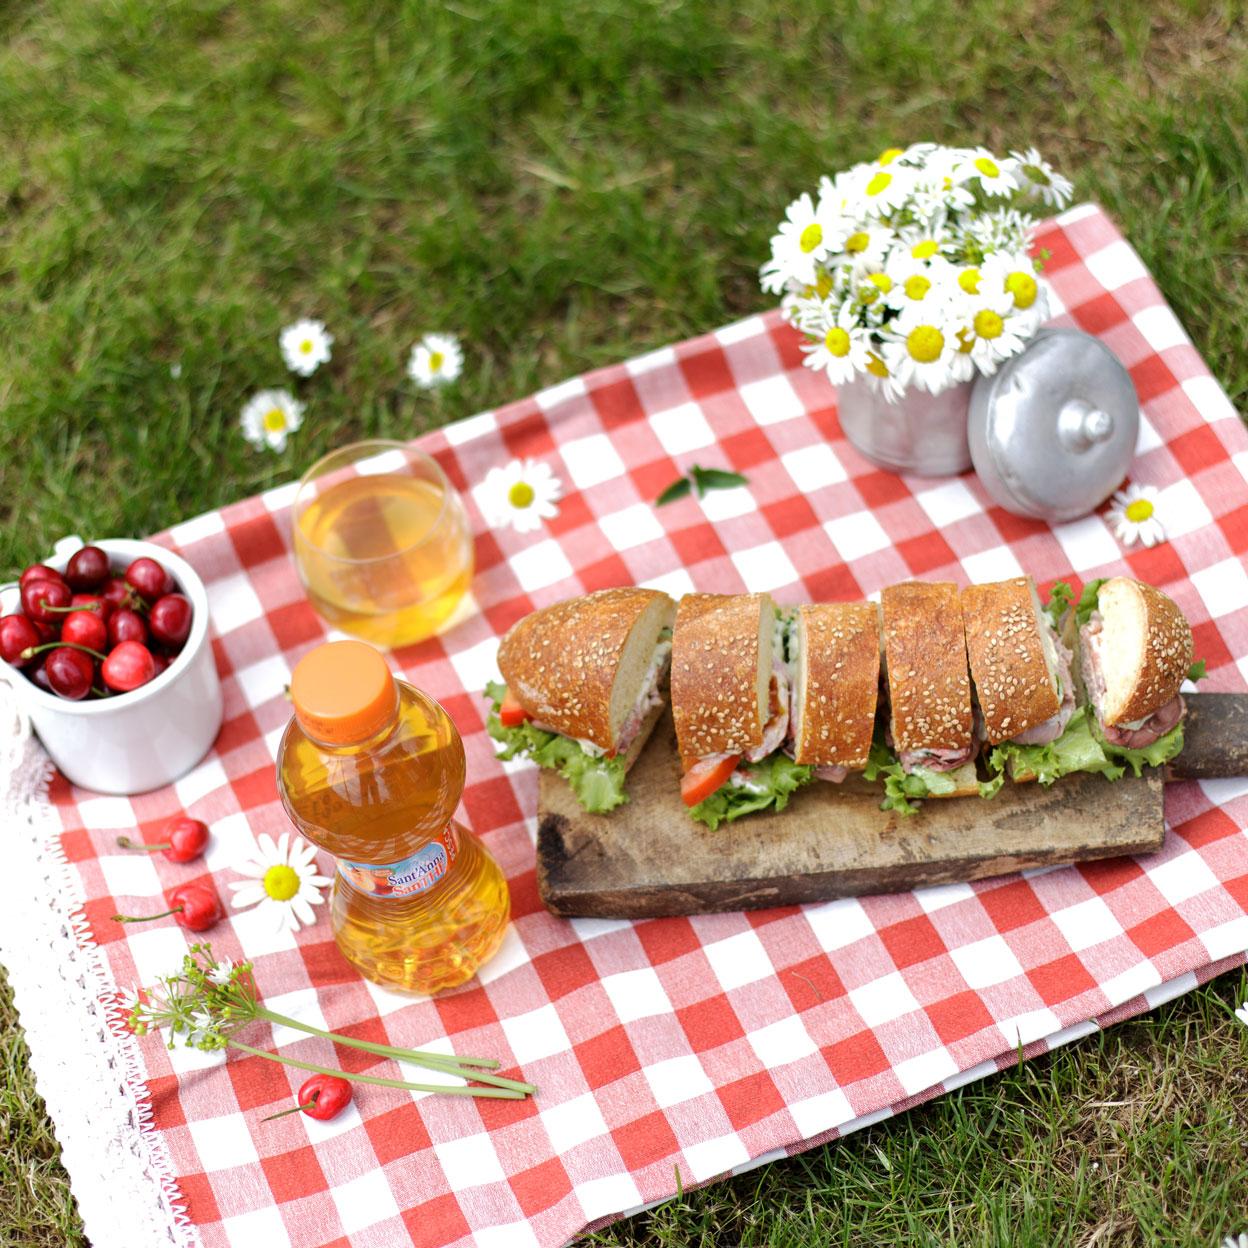 Picnic con tovaglia a quadri, sandwich, margherite e SanThe alla pesca